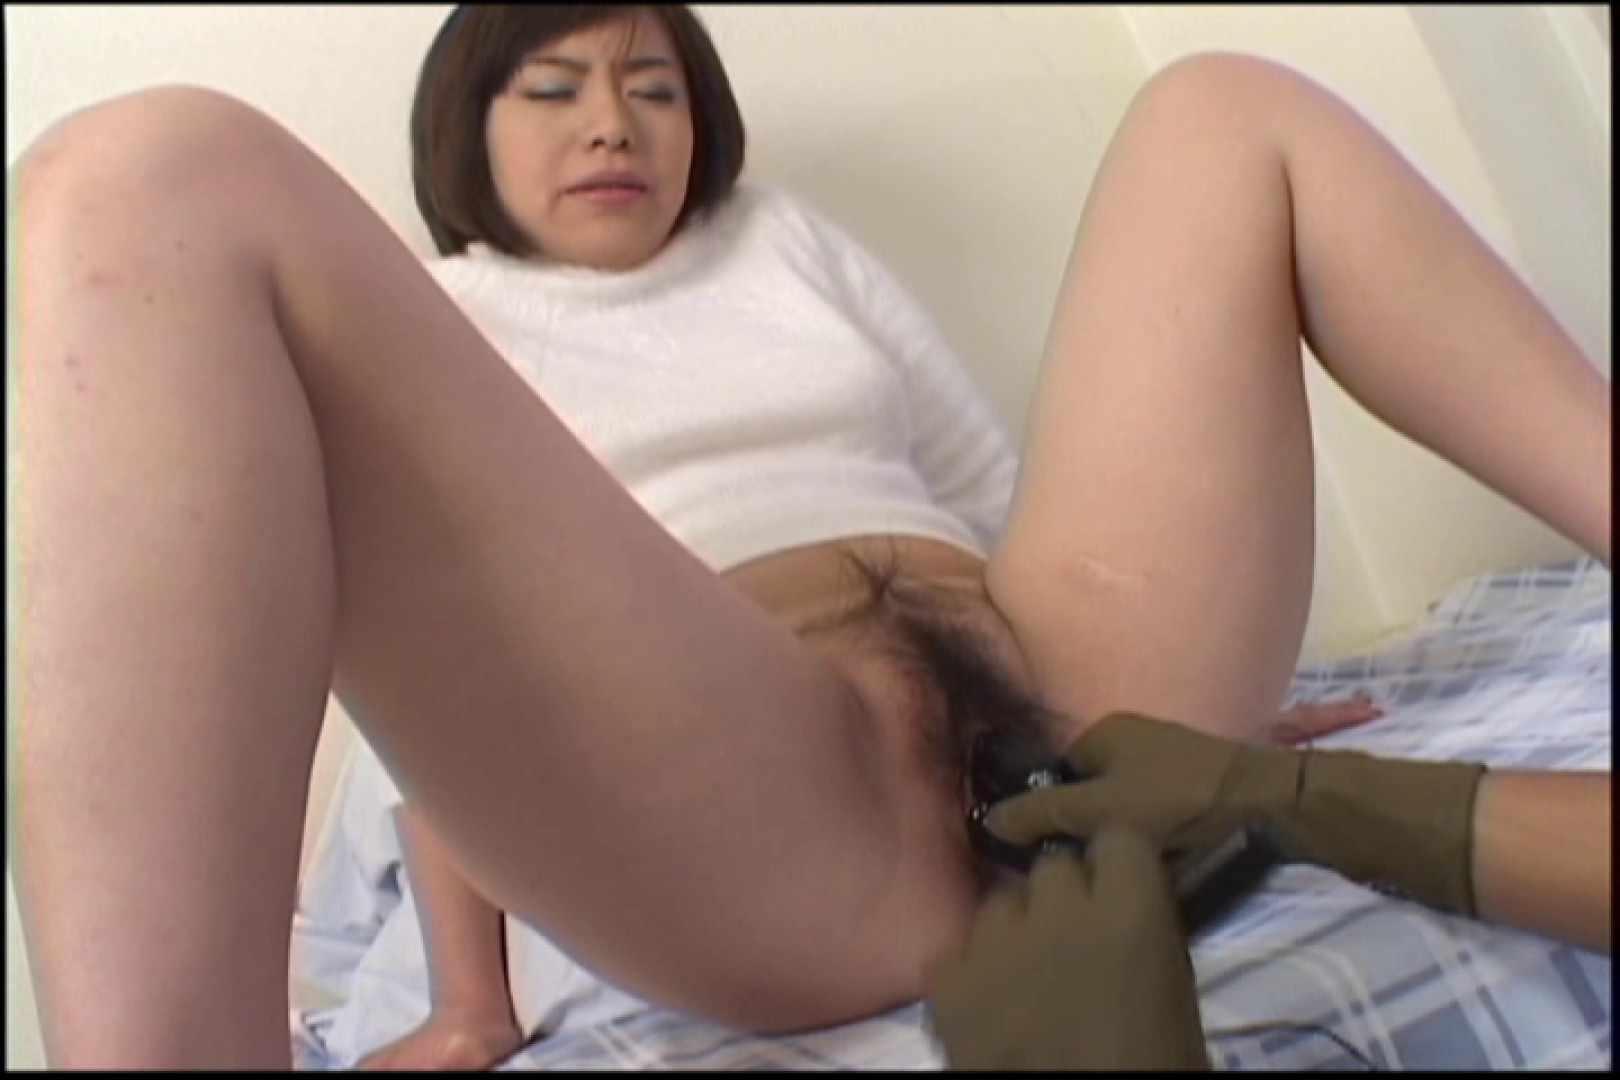 間違いなく性に飢えてる奥様VOL.02 西島れい オナニーガール のぞき動画画像 73PIX 33